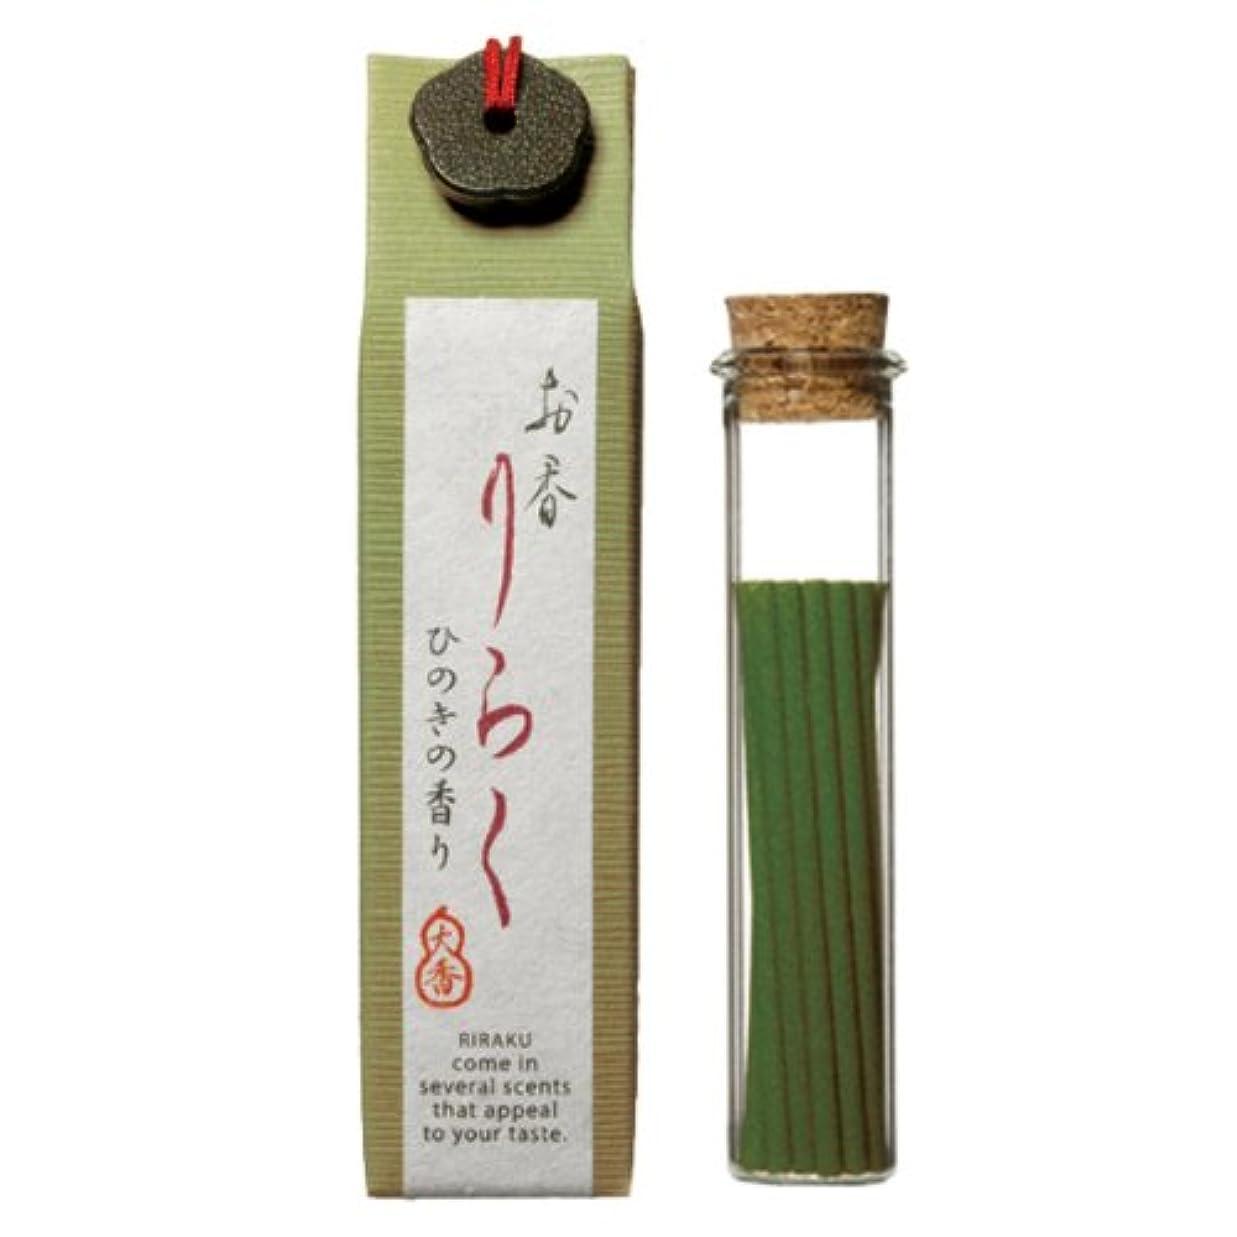 タイピスト意味するカリキュラム大香 お香りらく ひのき 26mm×26mm×110mm